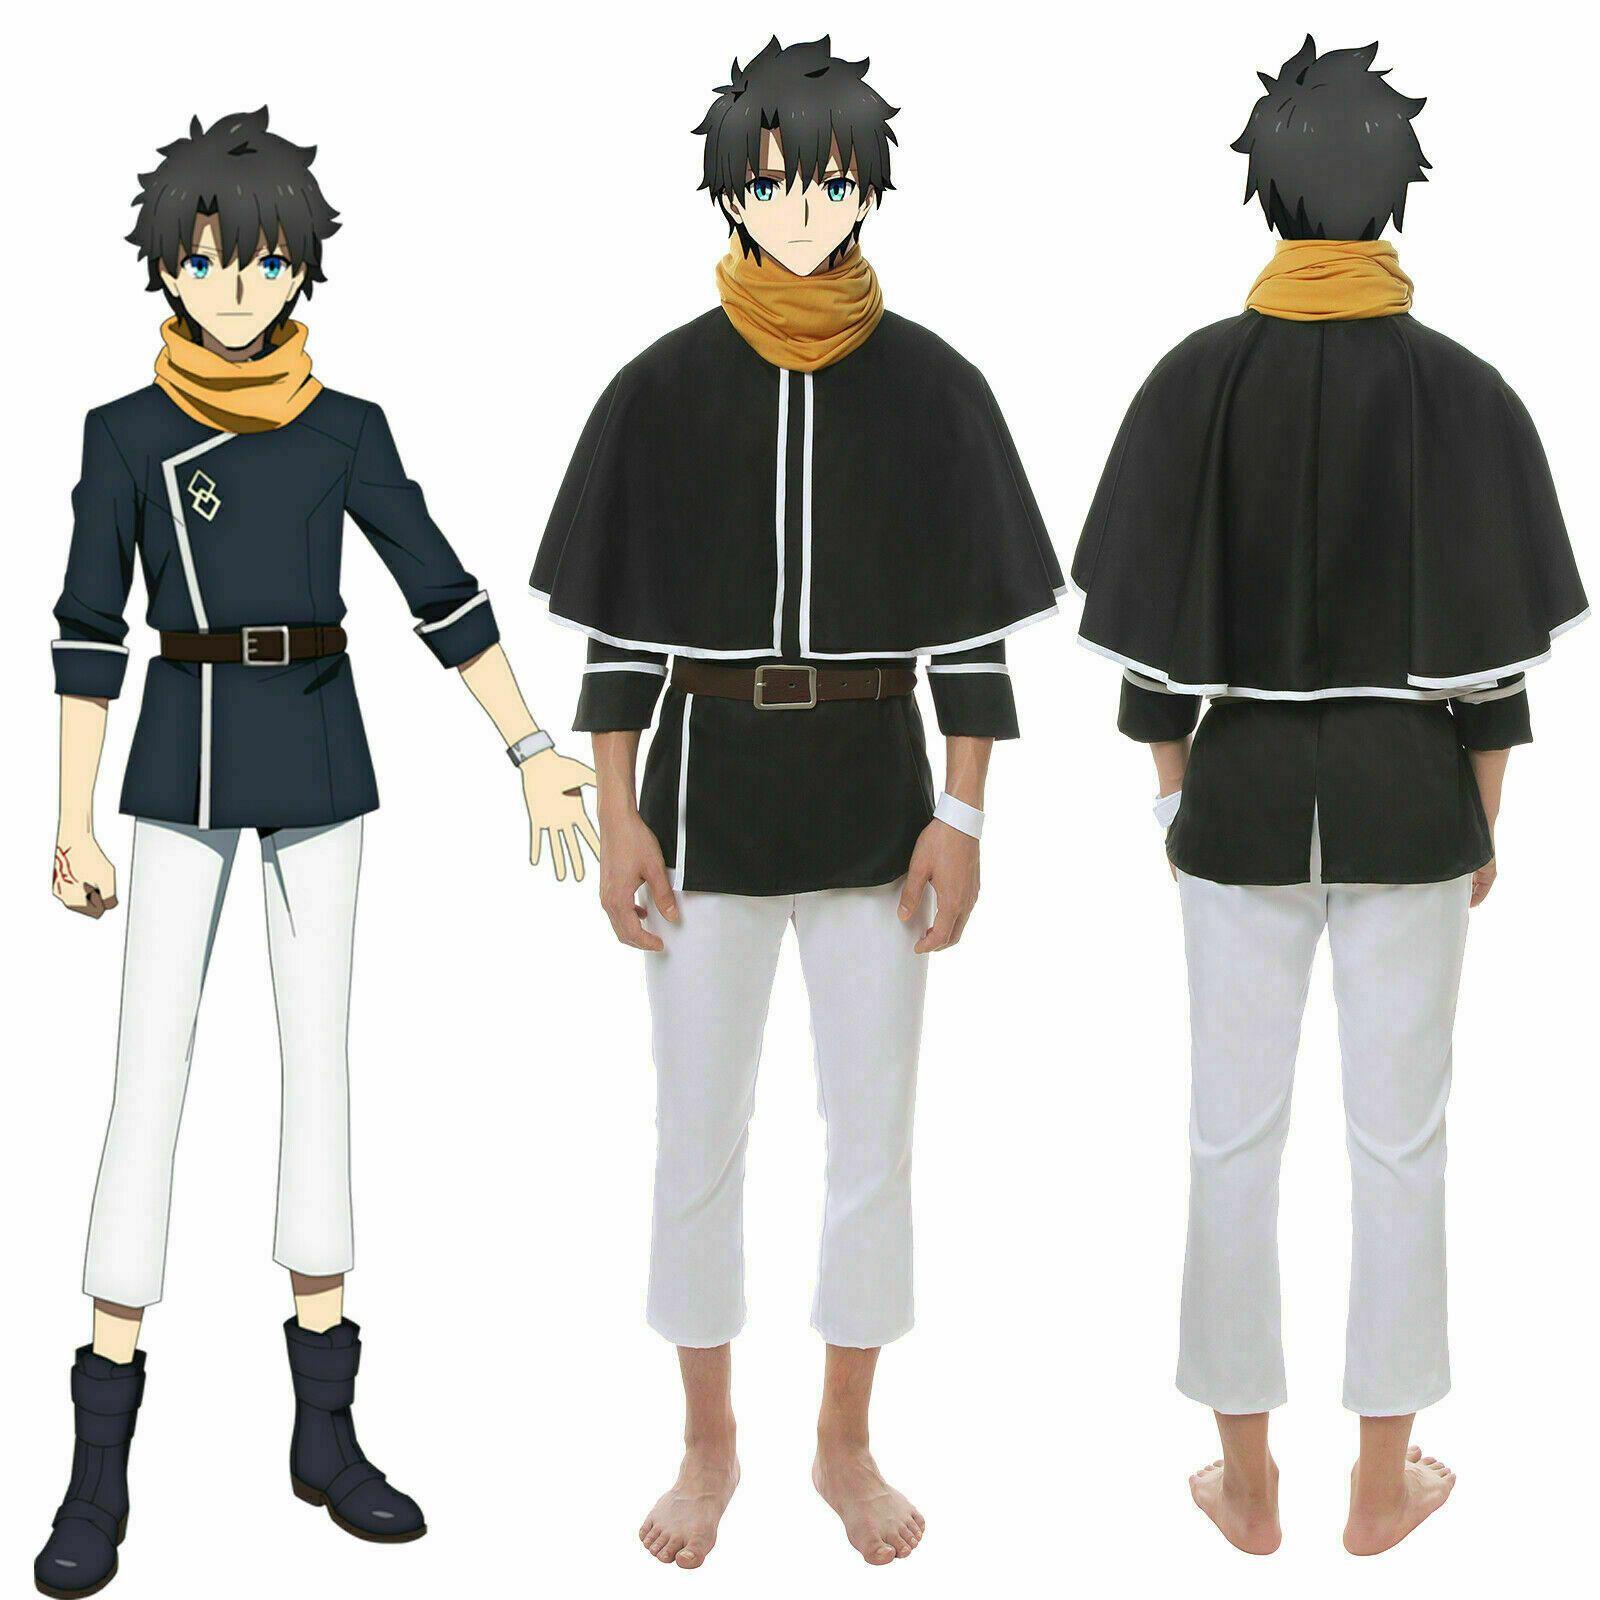 Cosplay FGO Destino Grande Order Fujimaru Ritsuka Outfit Conjunto completo